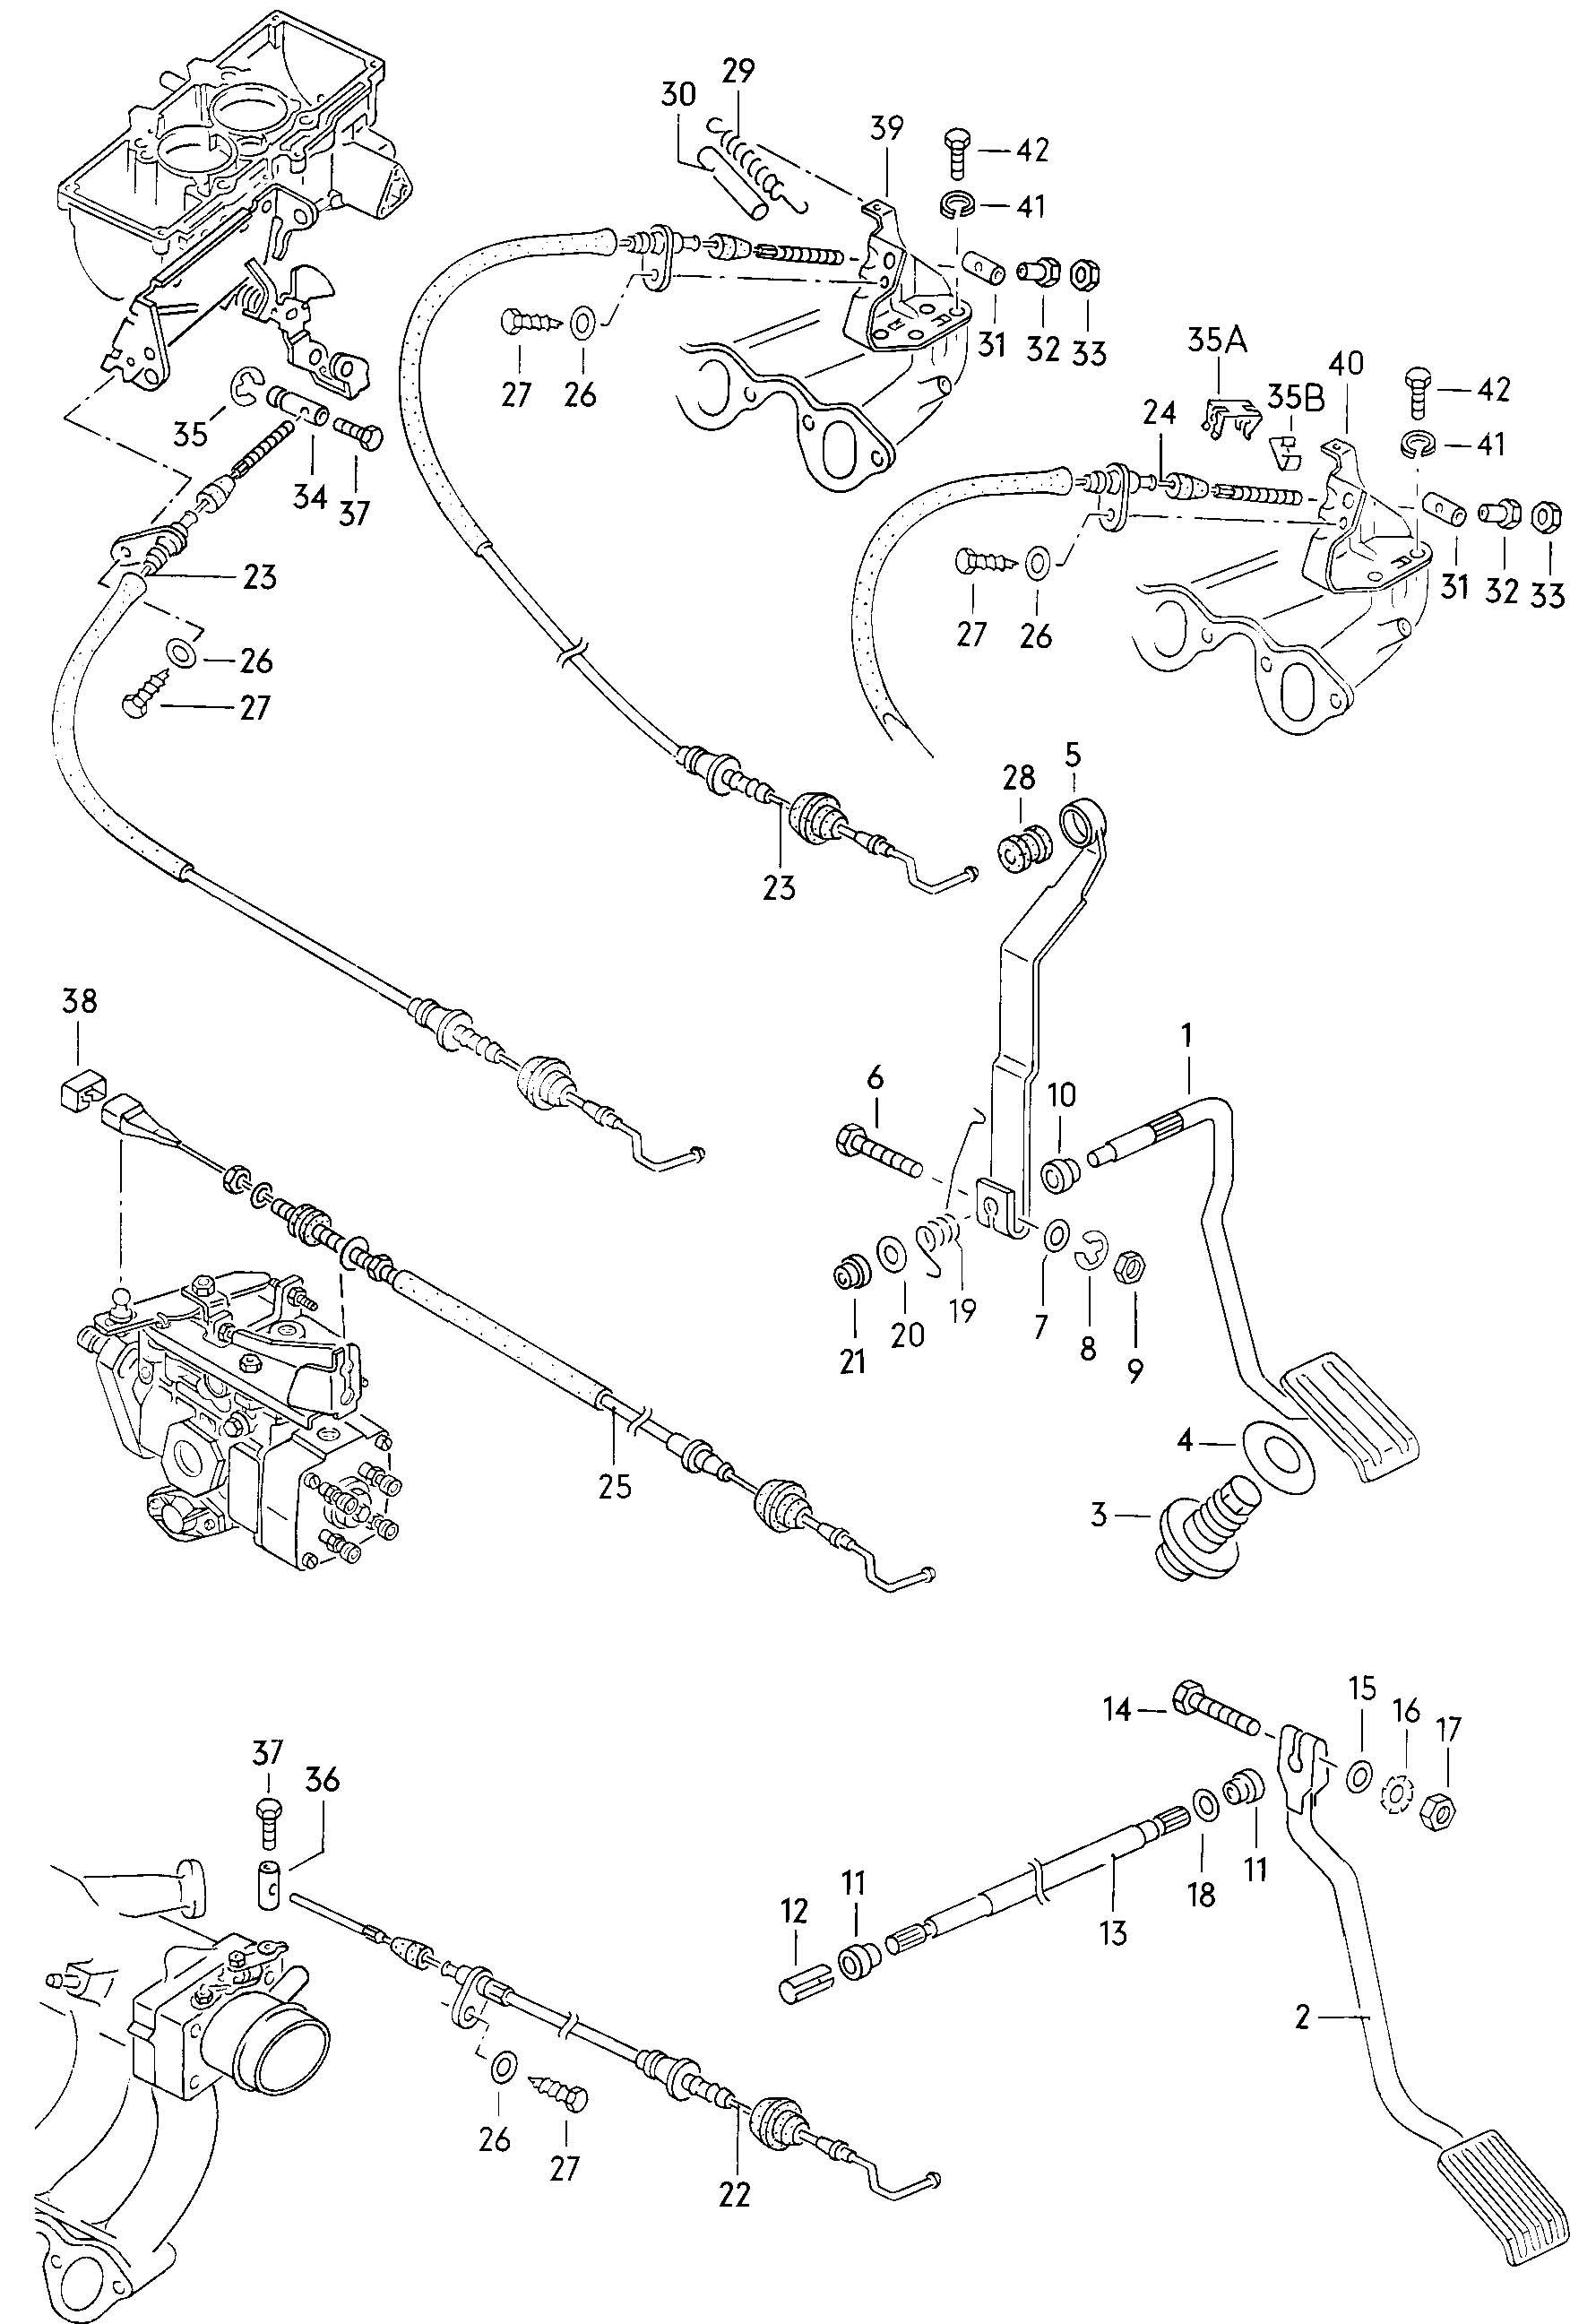 Accelerator pedal accelerator cable